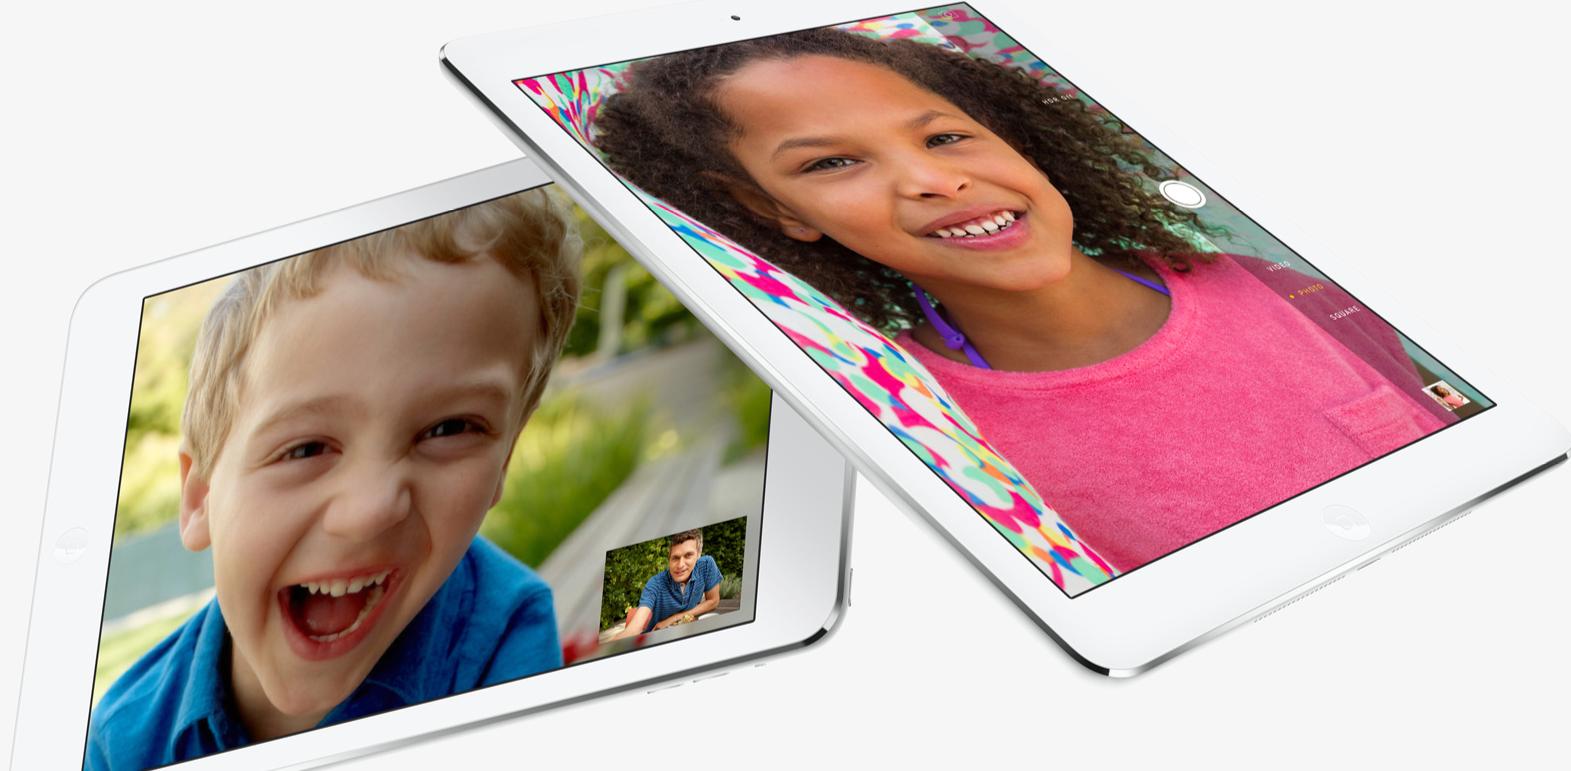 iPhone za tydzień, iPad za miesiąc, a kiedy Mac Mini? Sprawdzamy jakiego sprzętu Apple nie kupować